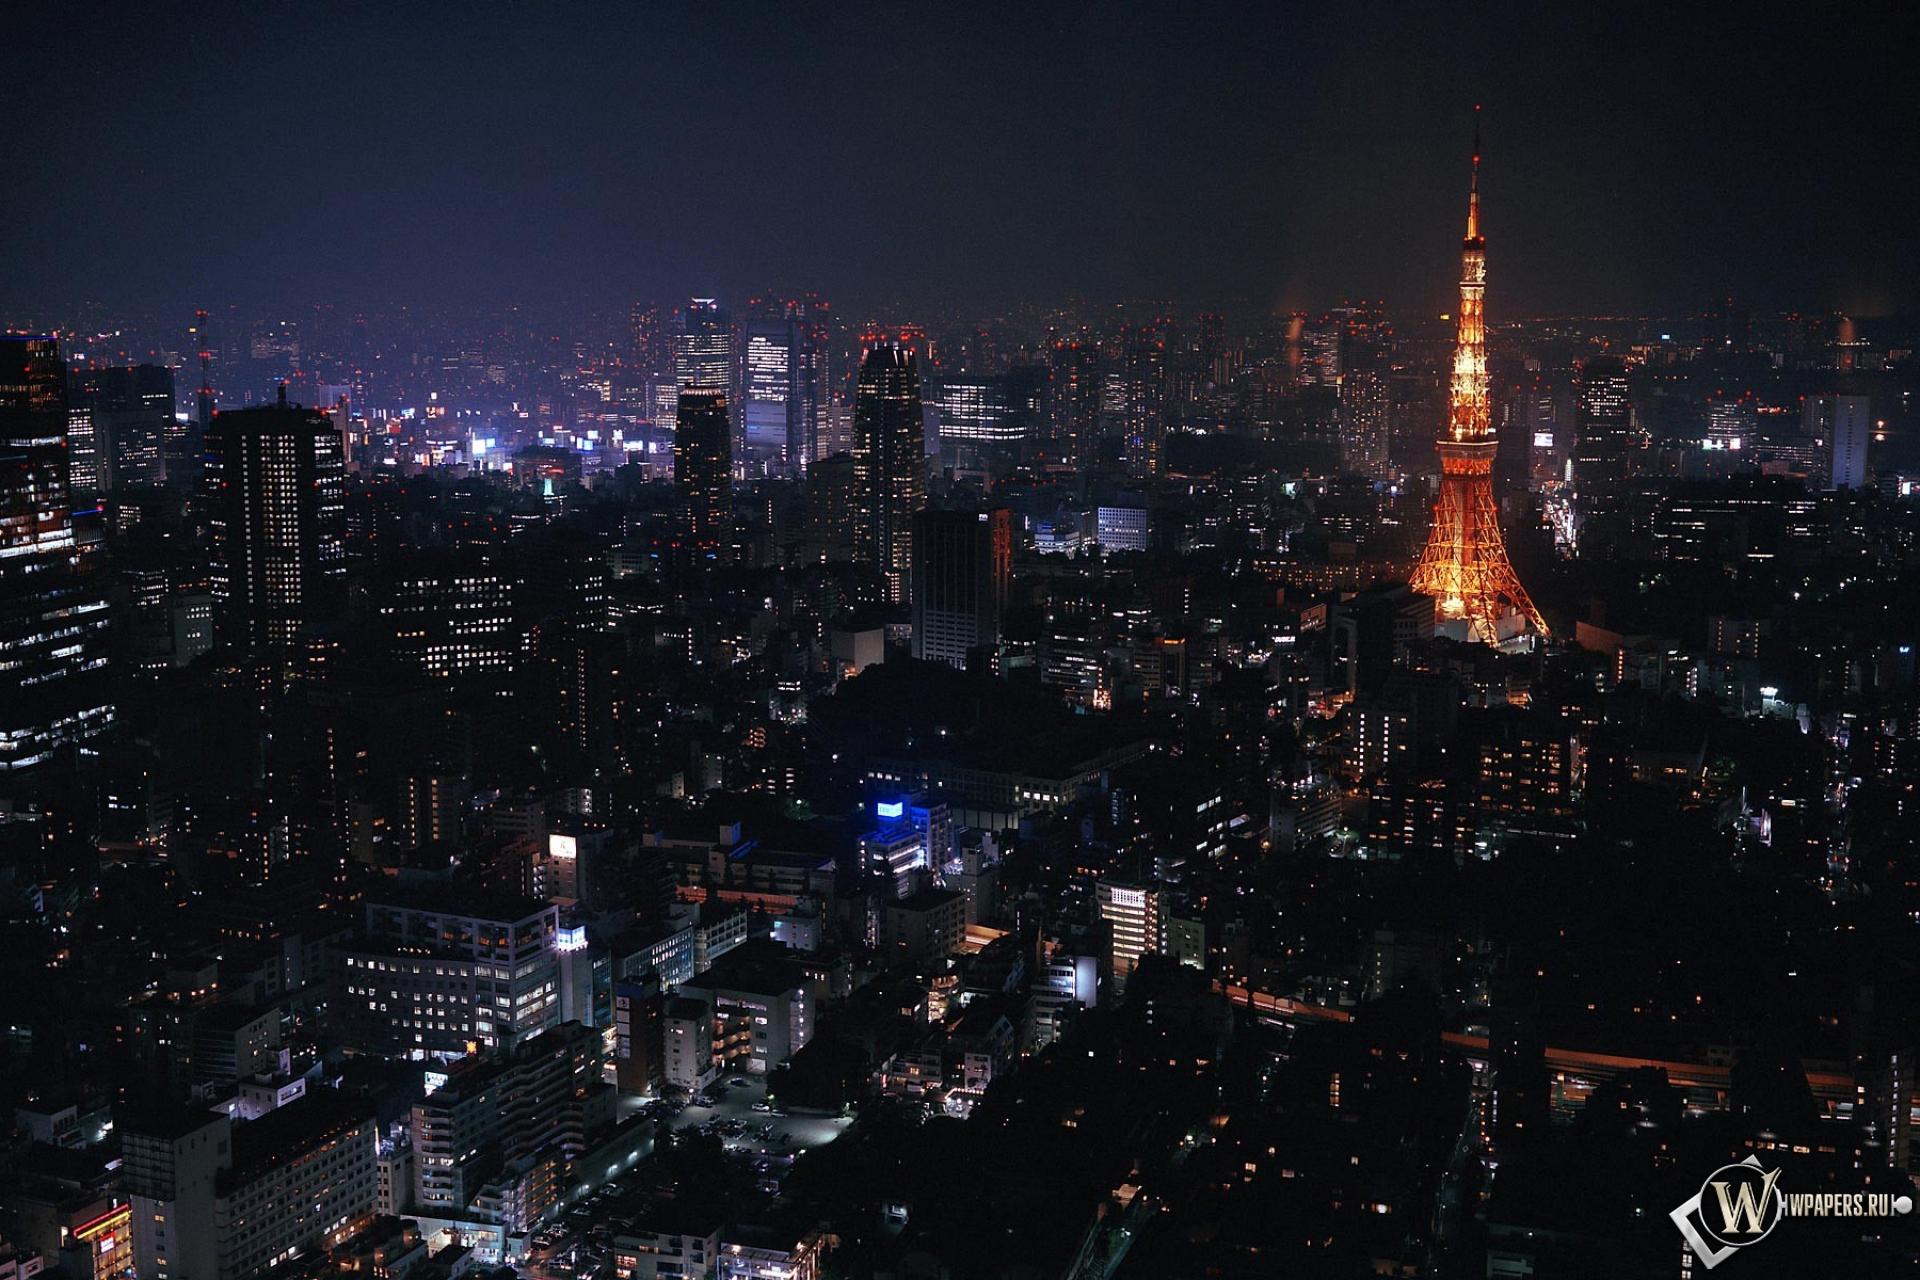 Токио ночью 1920x1280